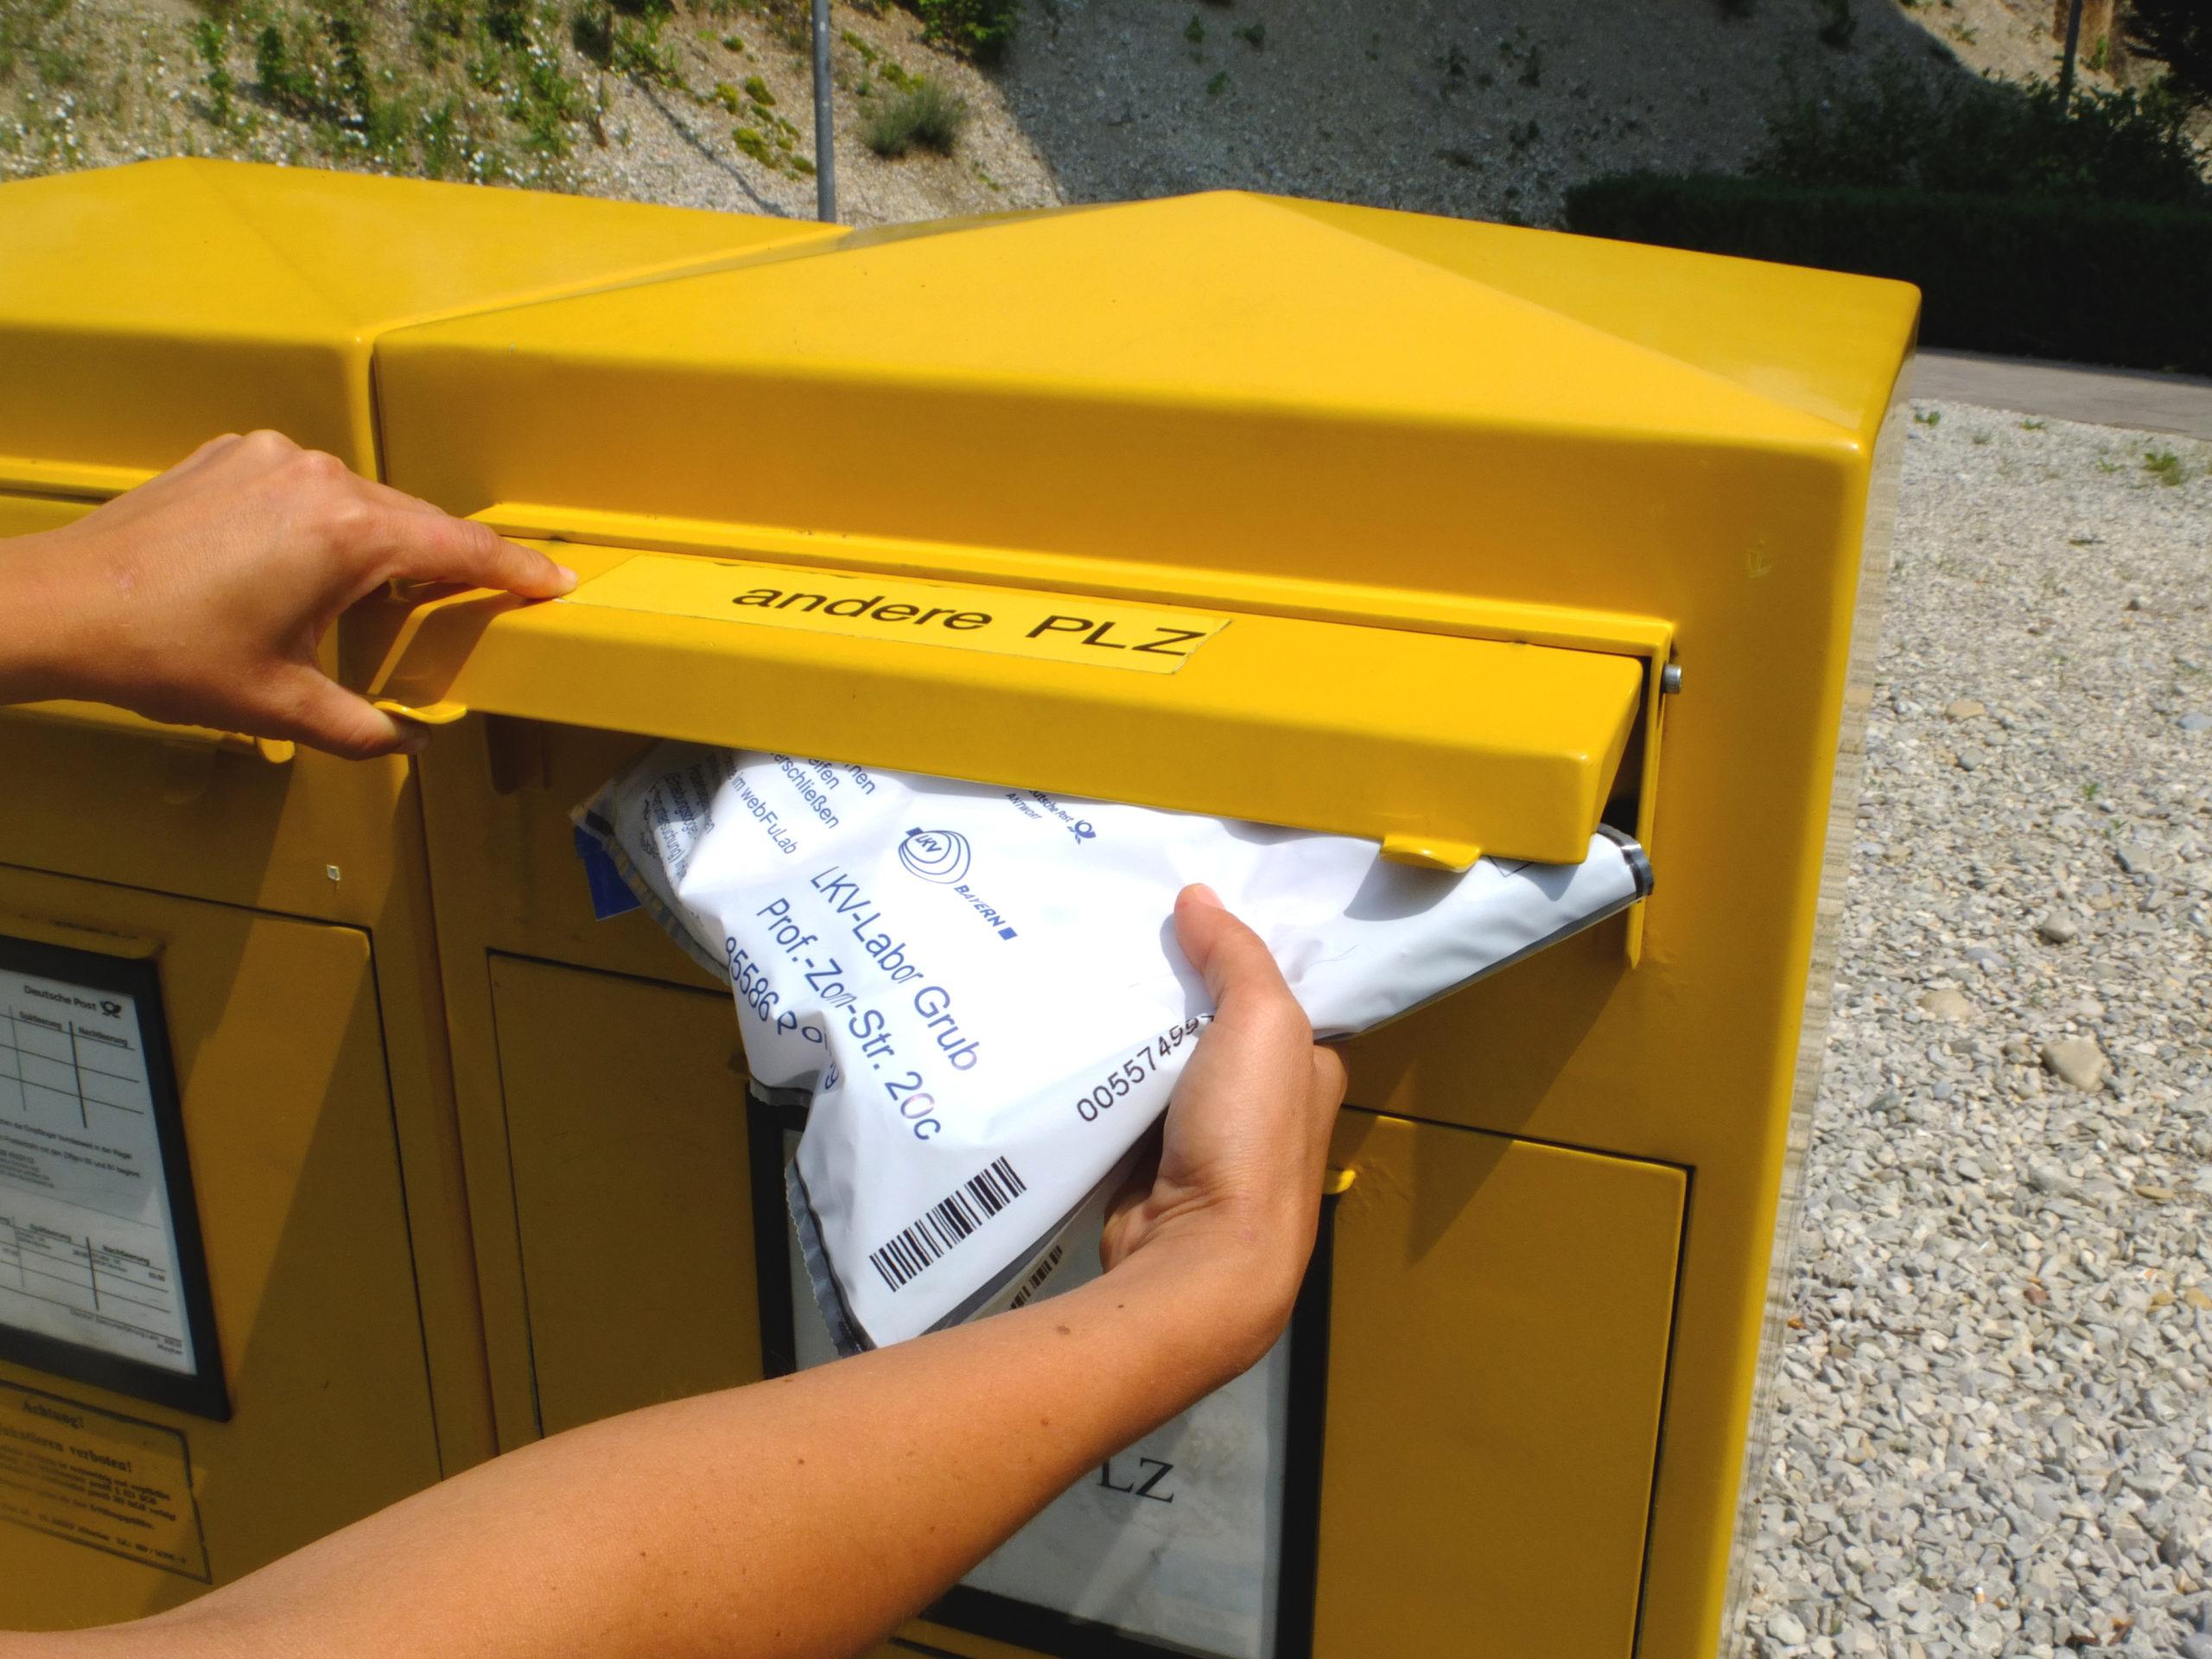 Verschicken der Futterprobe auf dem Postweg, etwa ein bis zwei Tage nach dem Postversand erreichen die Futterprobetaschen das Labor.